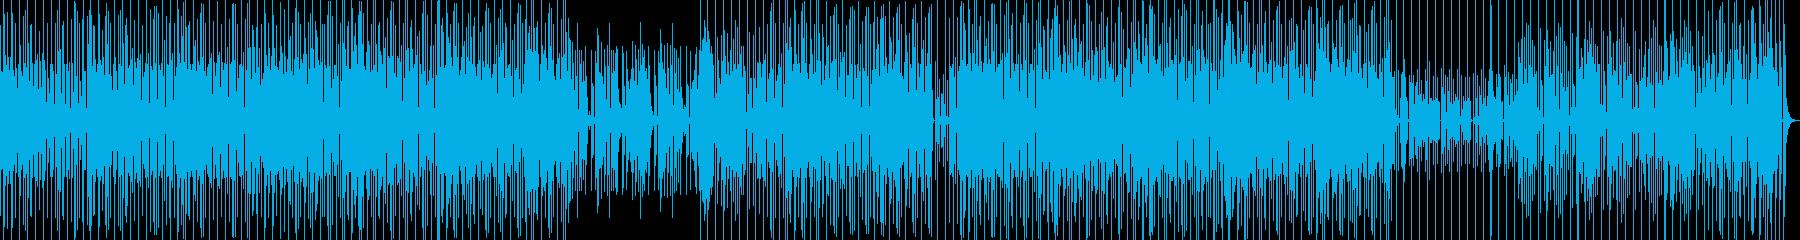 悪ノリチャレンジ企画説明BGM (s001)の再生済みの波形